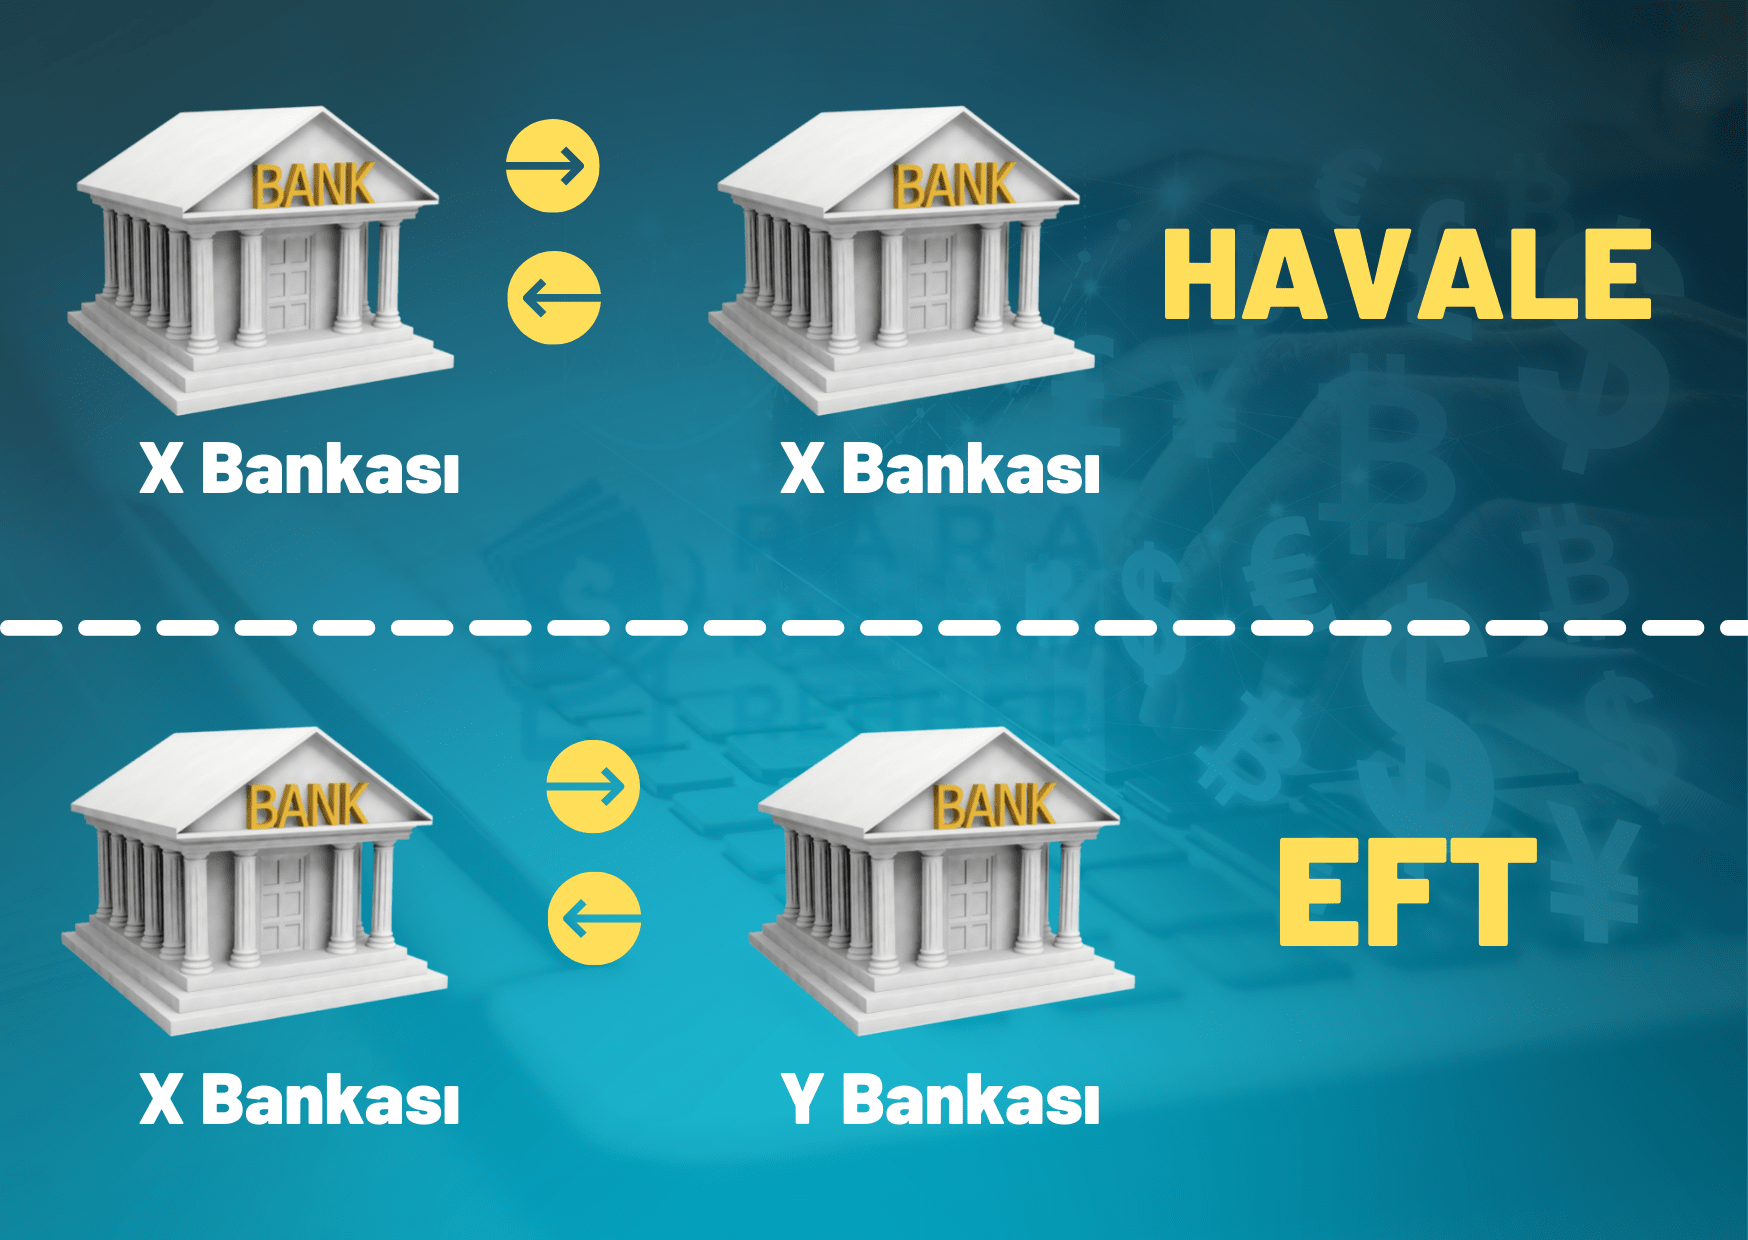 havale ve eft ücreti almayan bankalar, havale ve eft arasındaki fark